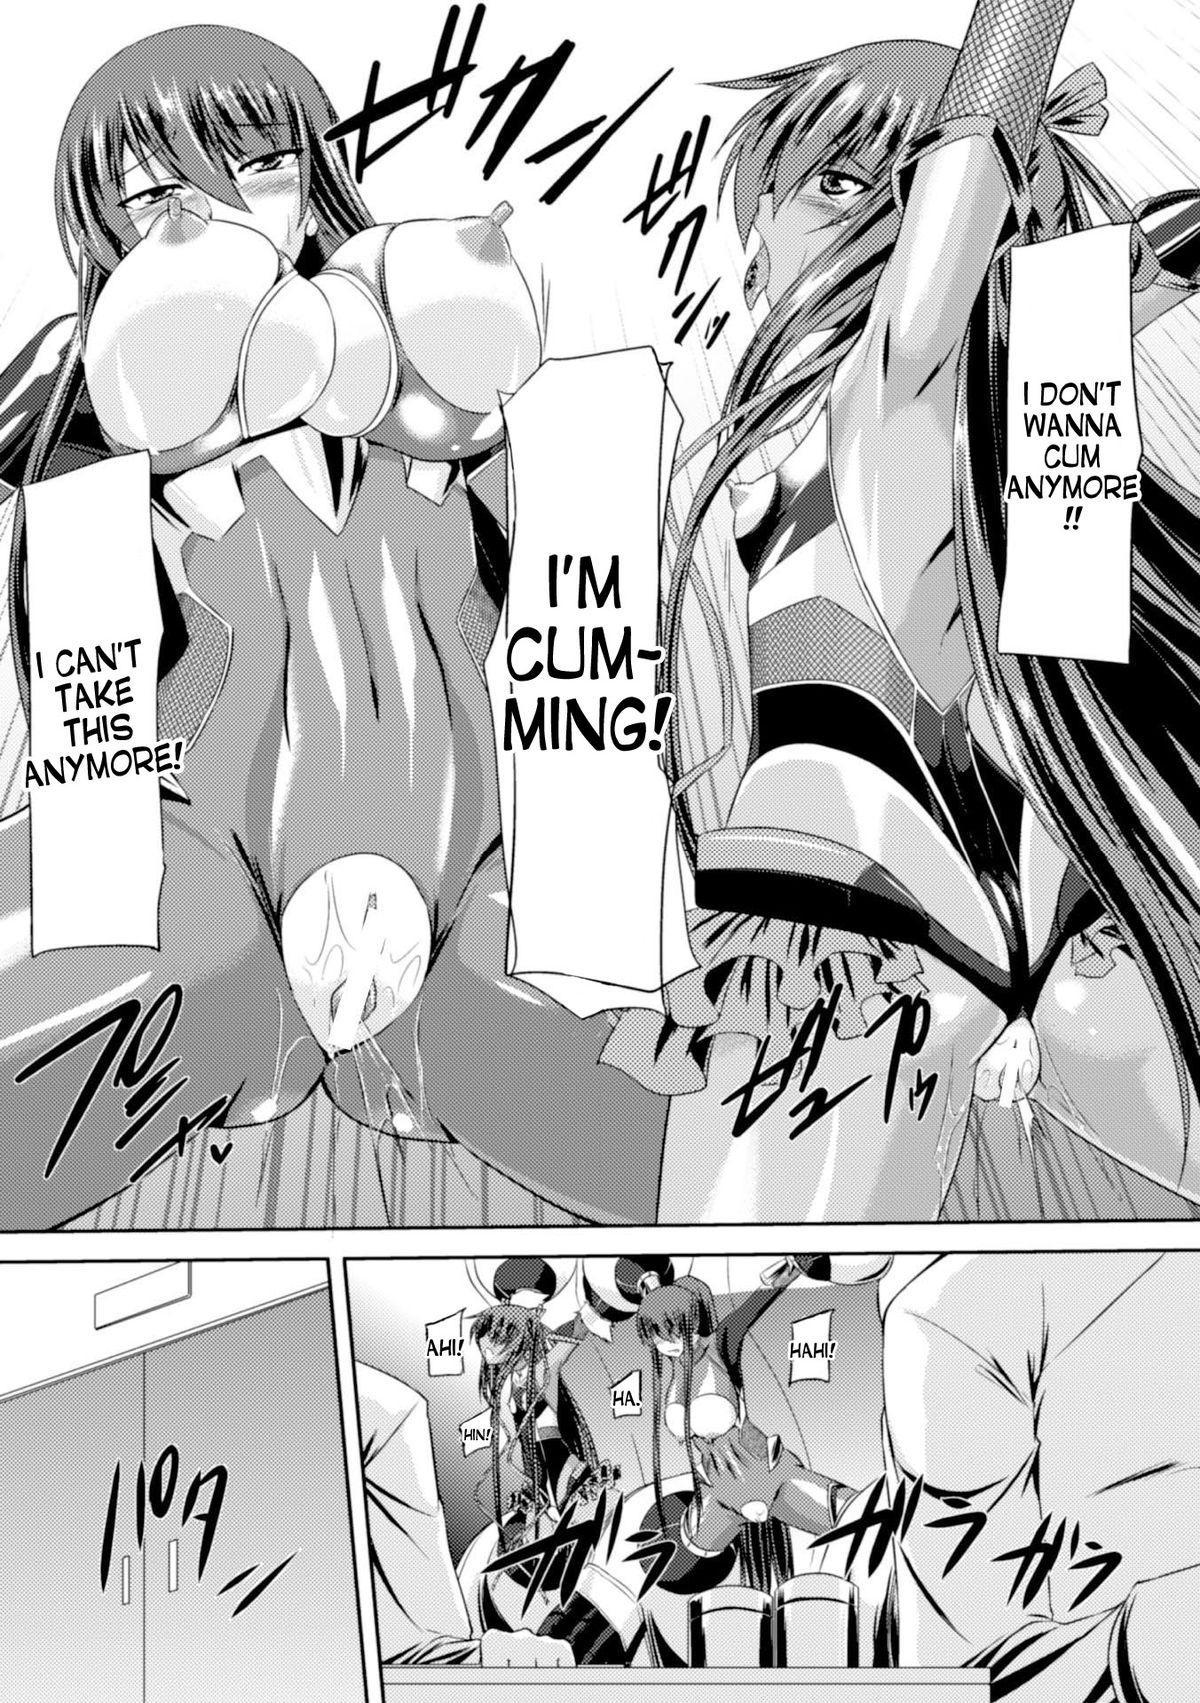 [Gonzaburo-] Taimanin Yukikaze - Taimanin wa Ingoku ni Shizumu #1-6 | Taimanin Yukikaze - Taimanin's fall into the lewd hell #1-5 [English] [desudesu] [Digital] 29